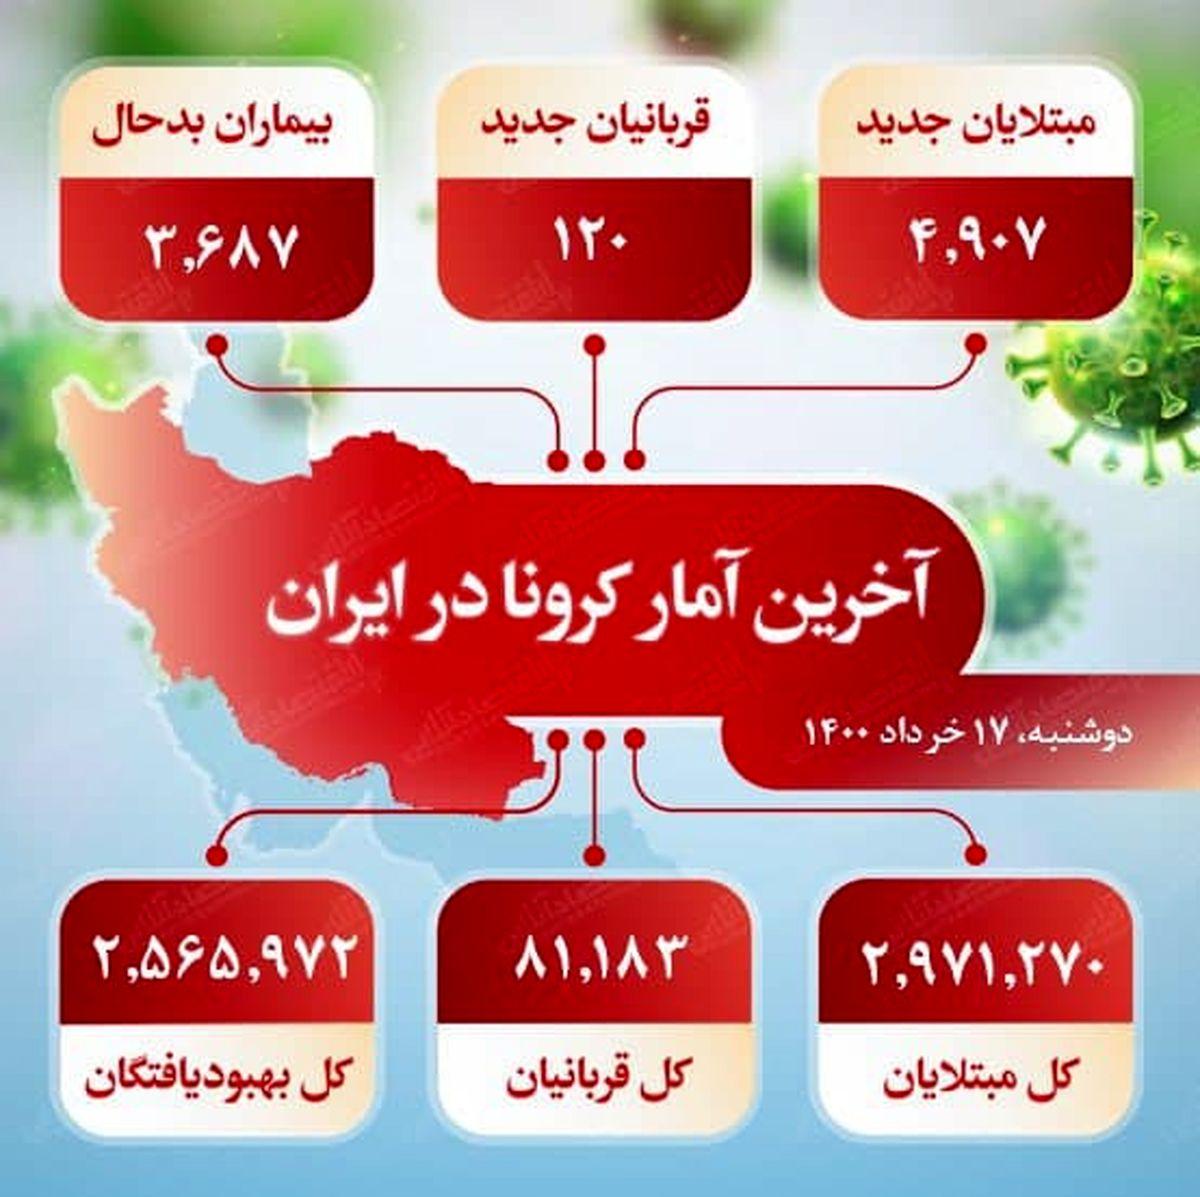 آخرین آمار کرونا در ایران (۱۴۰۰/۳/۱۷)